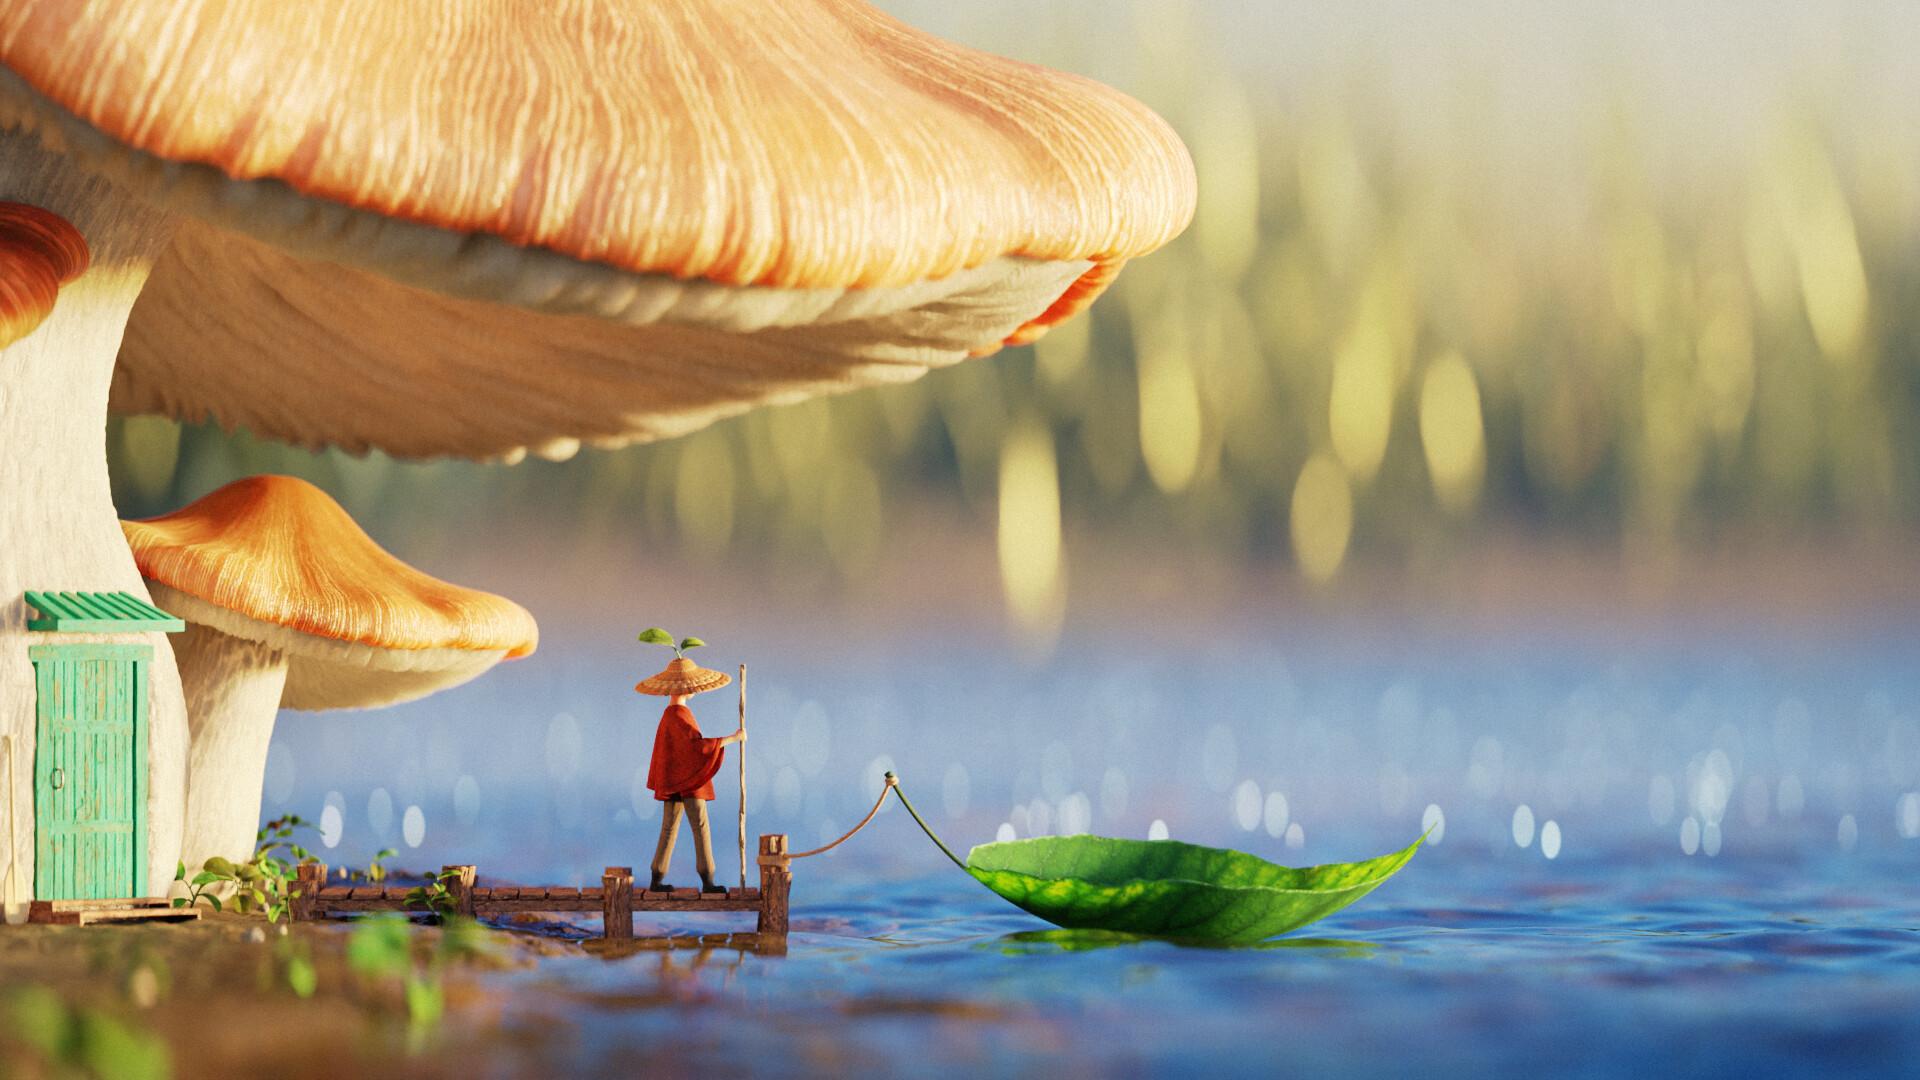 瑞云渲染专访:如何用Blender制作一个超真实的蘑菇屋